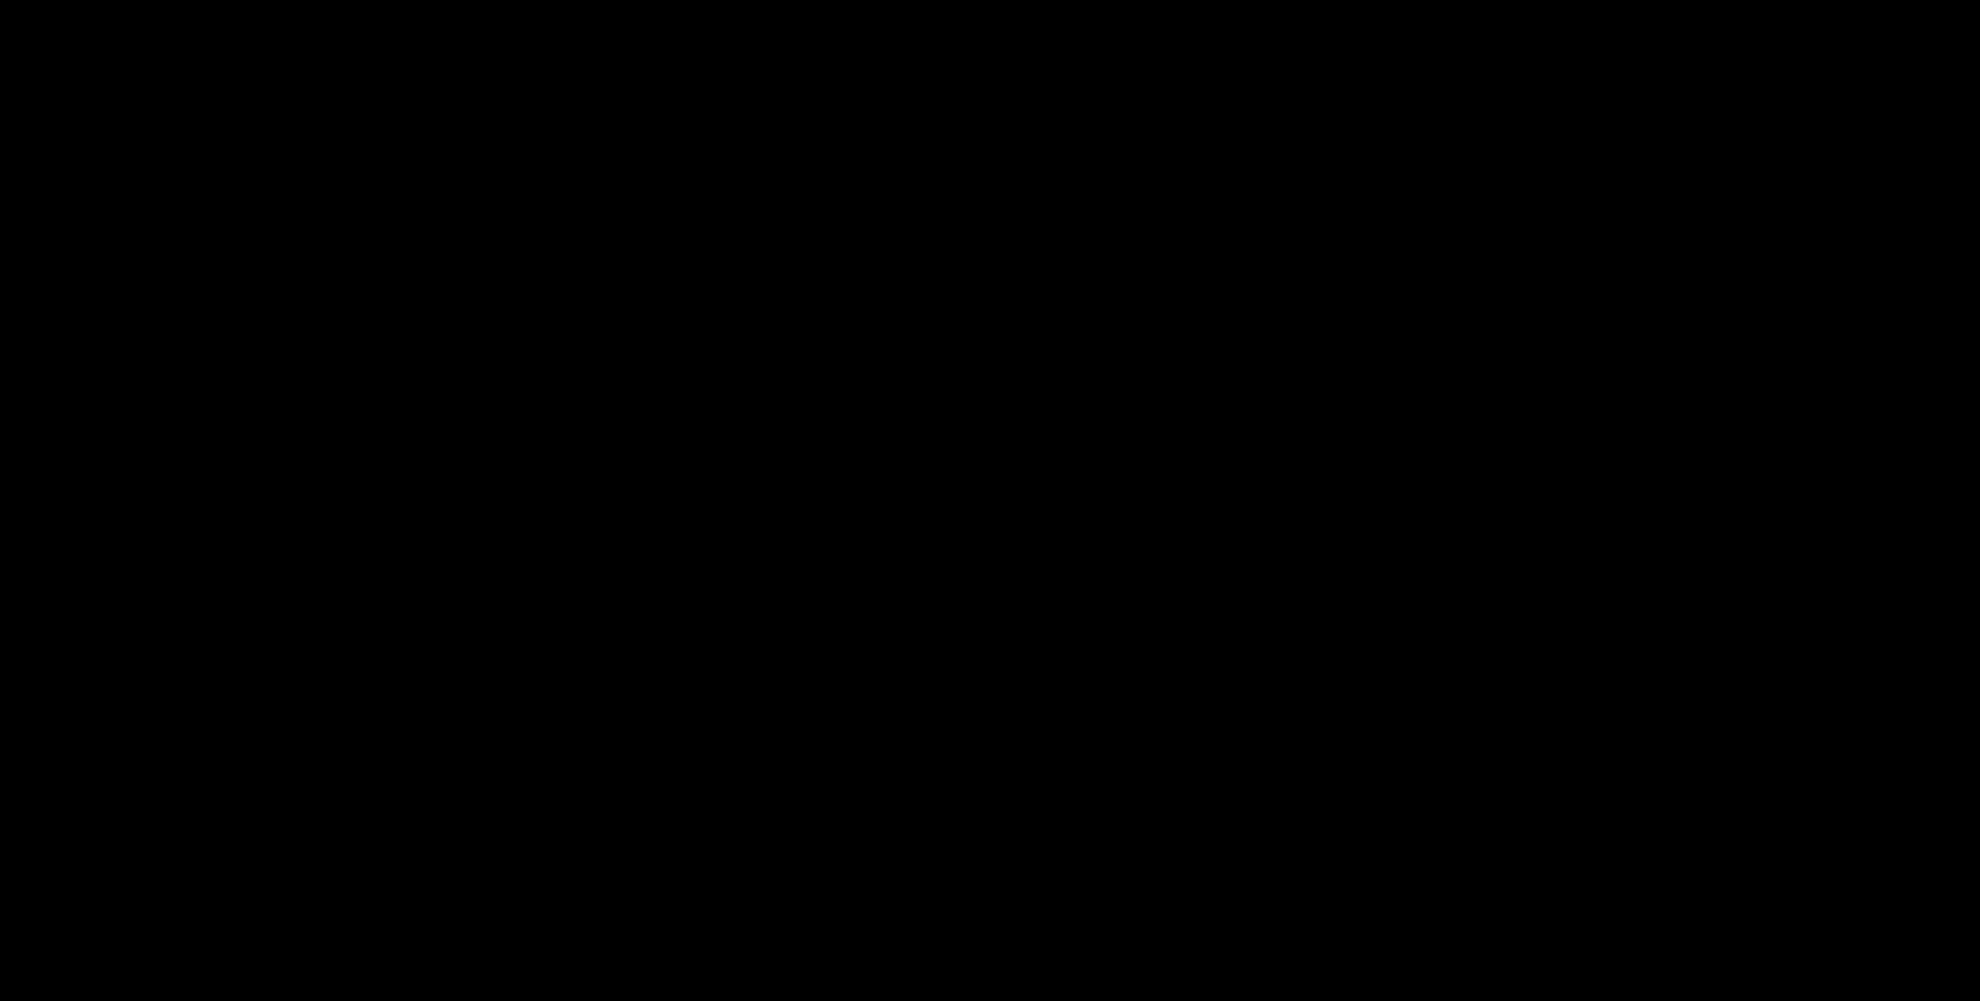 N-tert-Butyloxycarbonyl-D-erythro-sphingosine-2,3-N,O-acetonide-1-phosphate Bis[1-(2-nitrophenyl)ethyl]ester